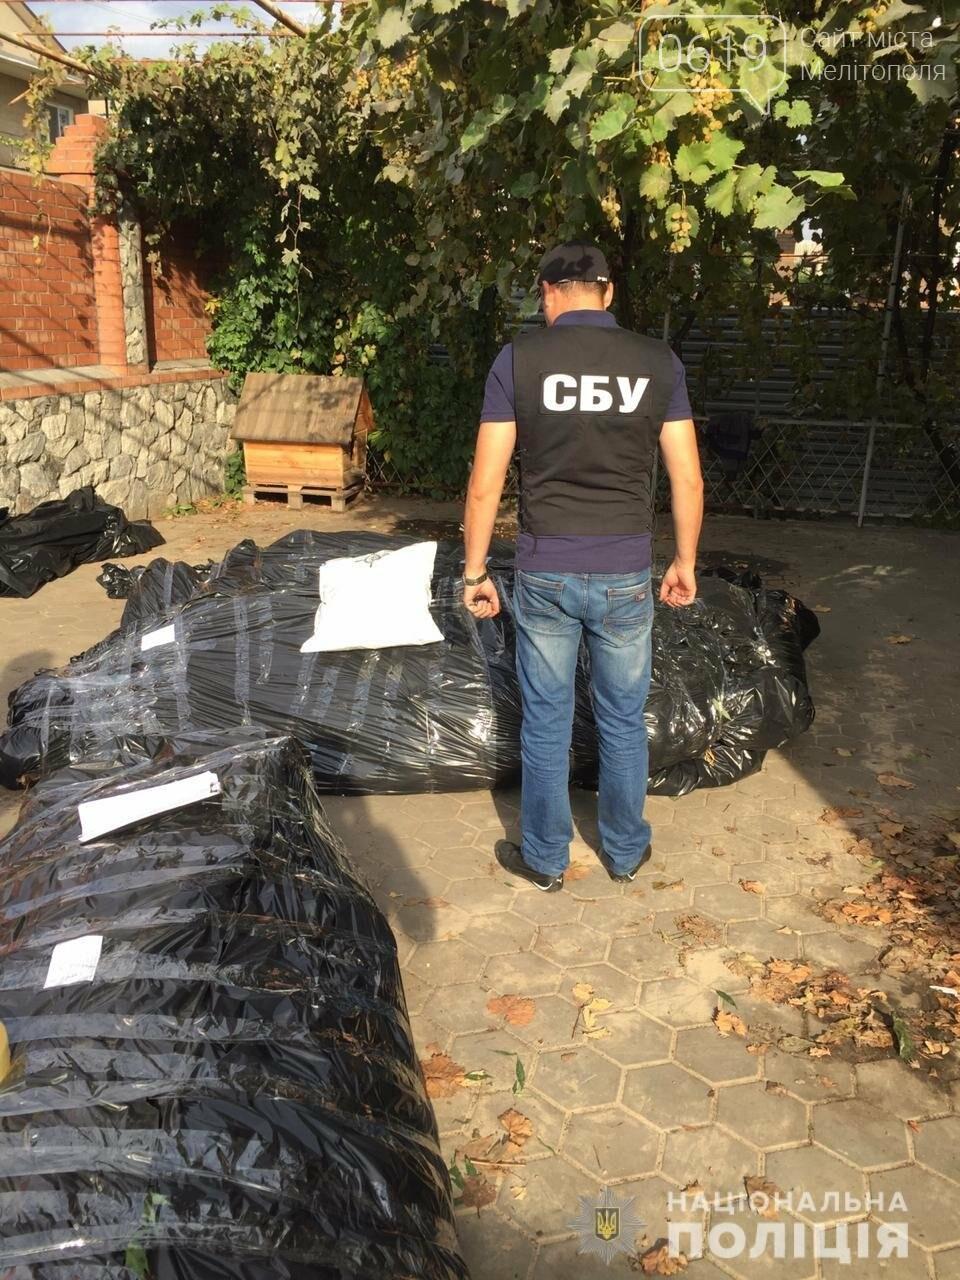 В Мелитополе правоохранители продолжают собирать урожай конопли на частных подворьях, фото-2